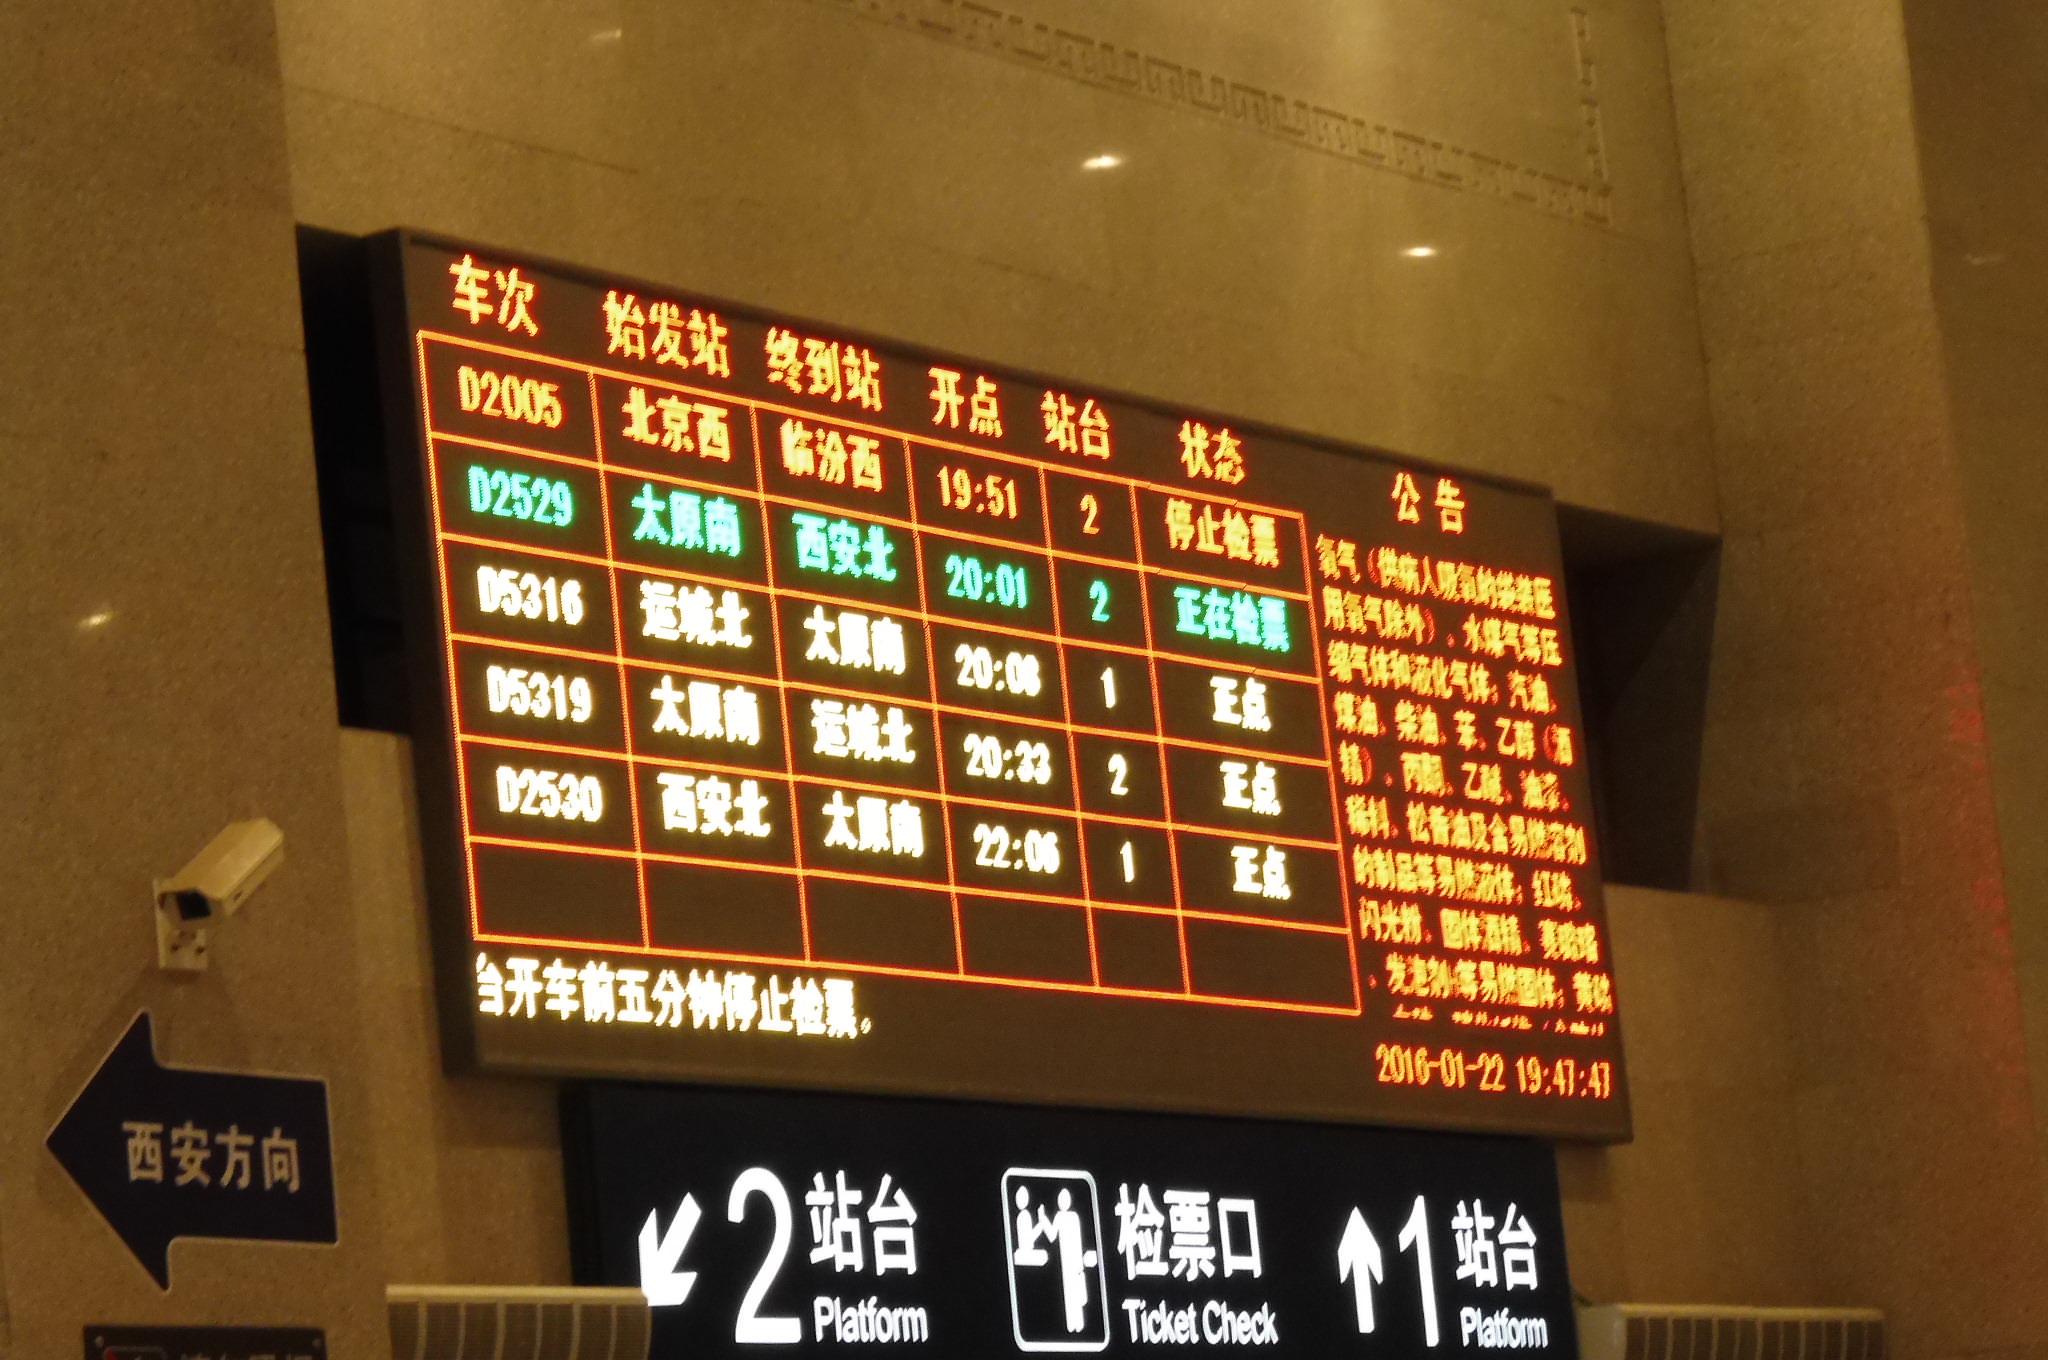 Conseils pratiques pour prendre le train en Chine | Smiling